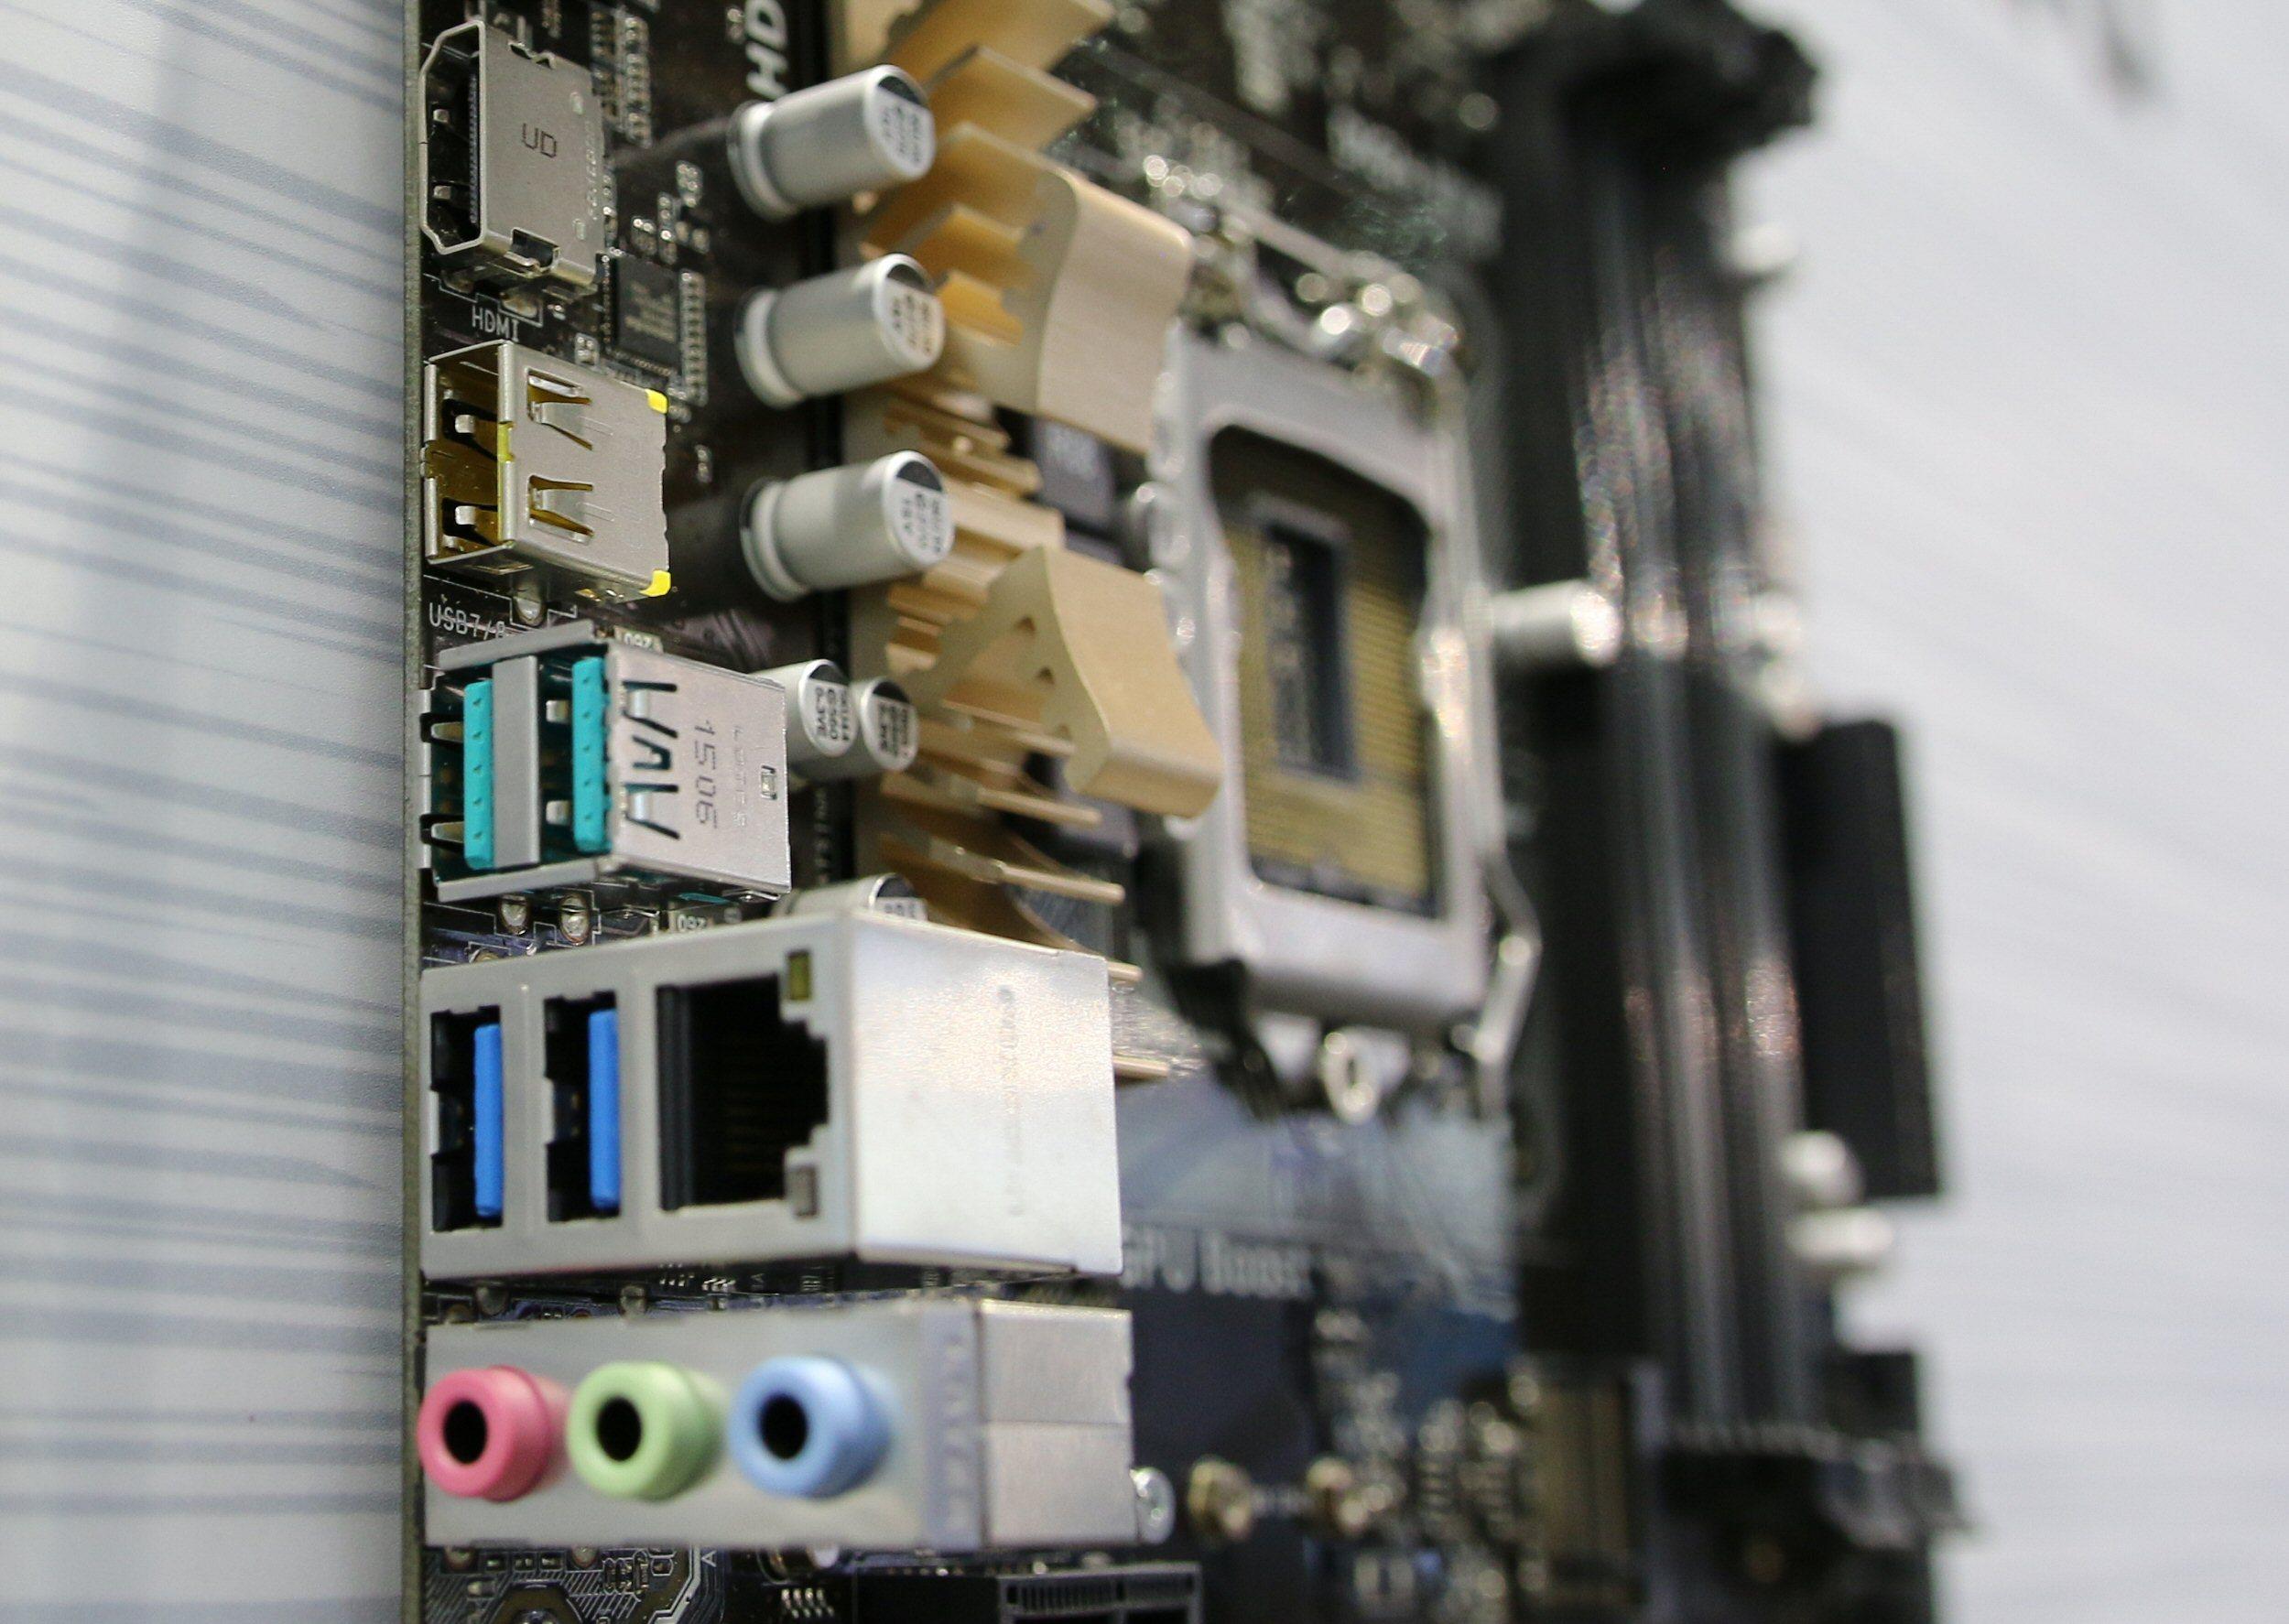 Brikkesettene fikser kommunikasjonen og setter for eksempel begrensninger på hvor mange USB-porter hovedkortet kan ha.